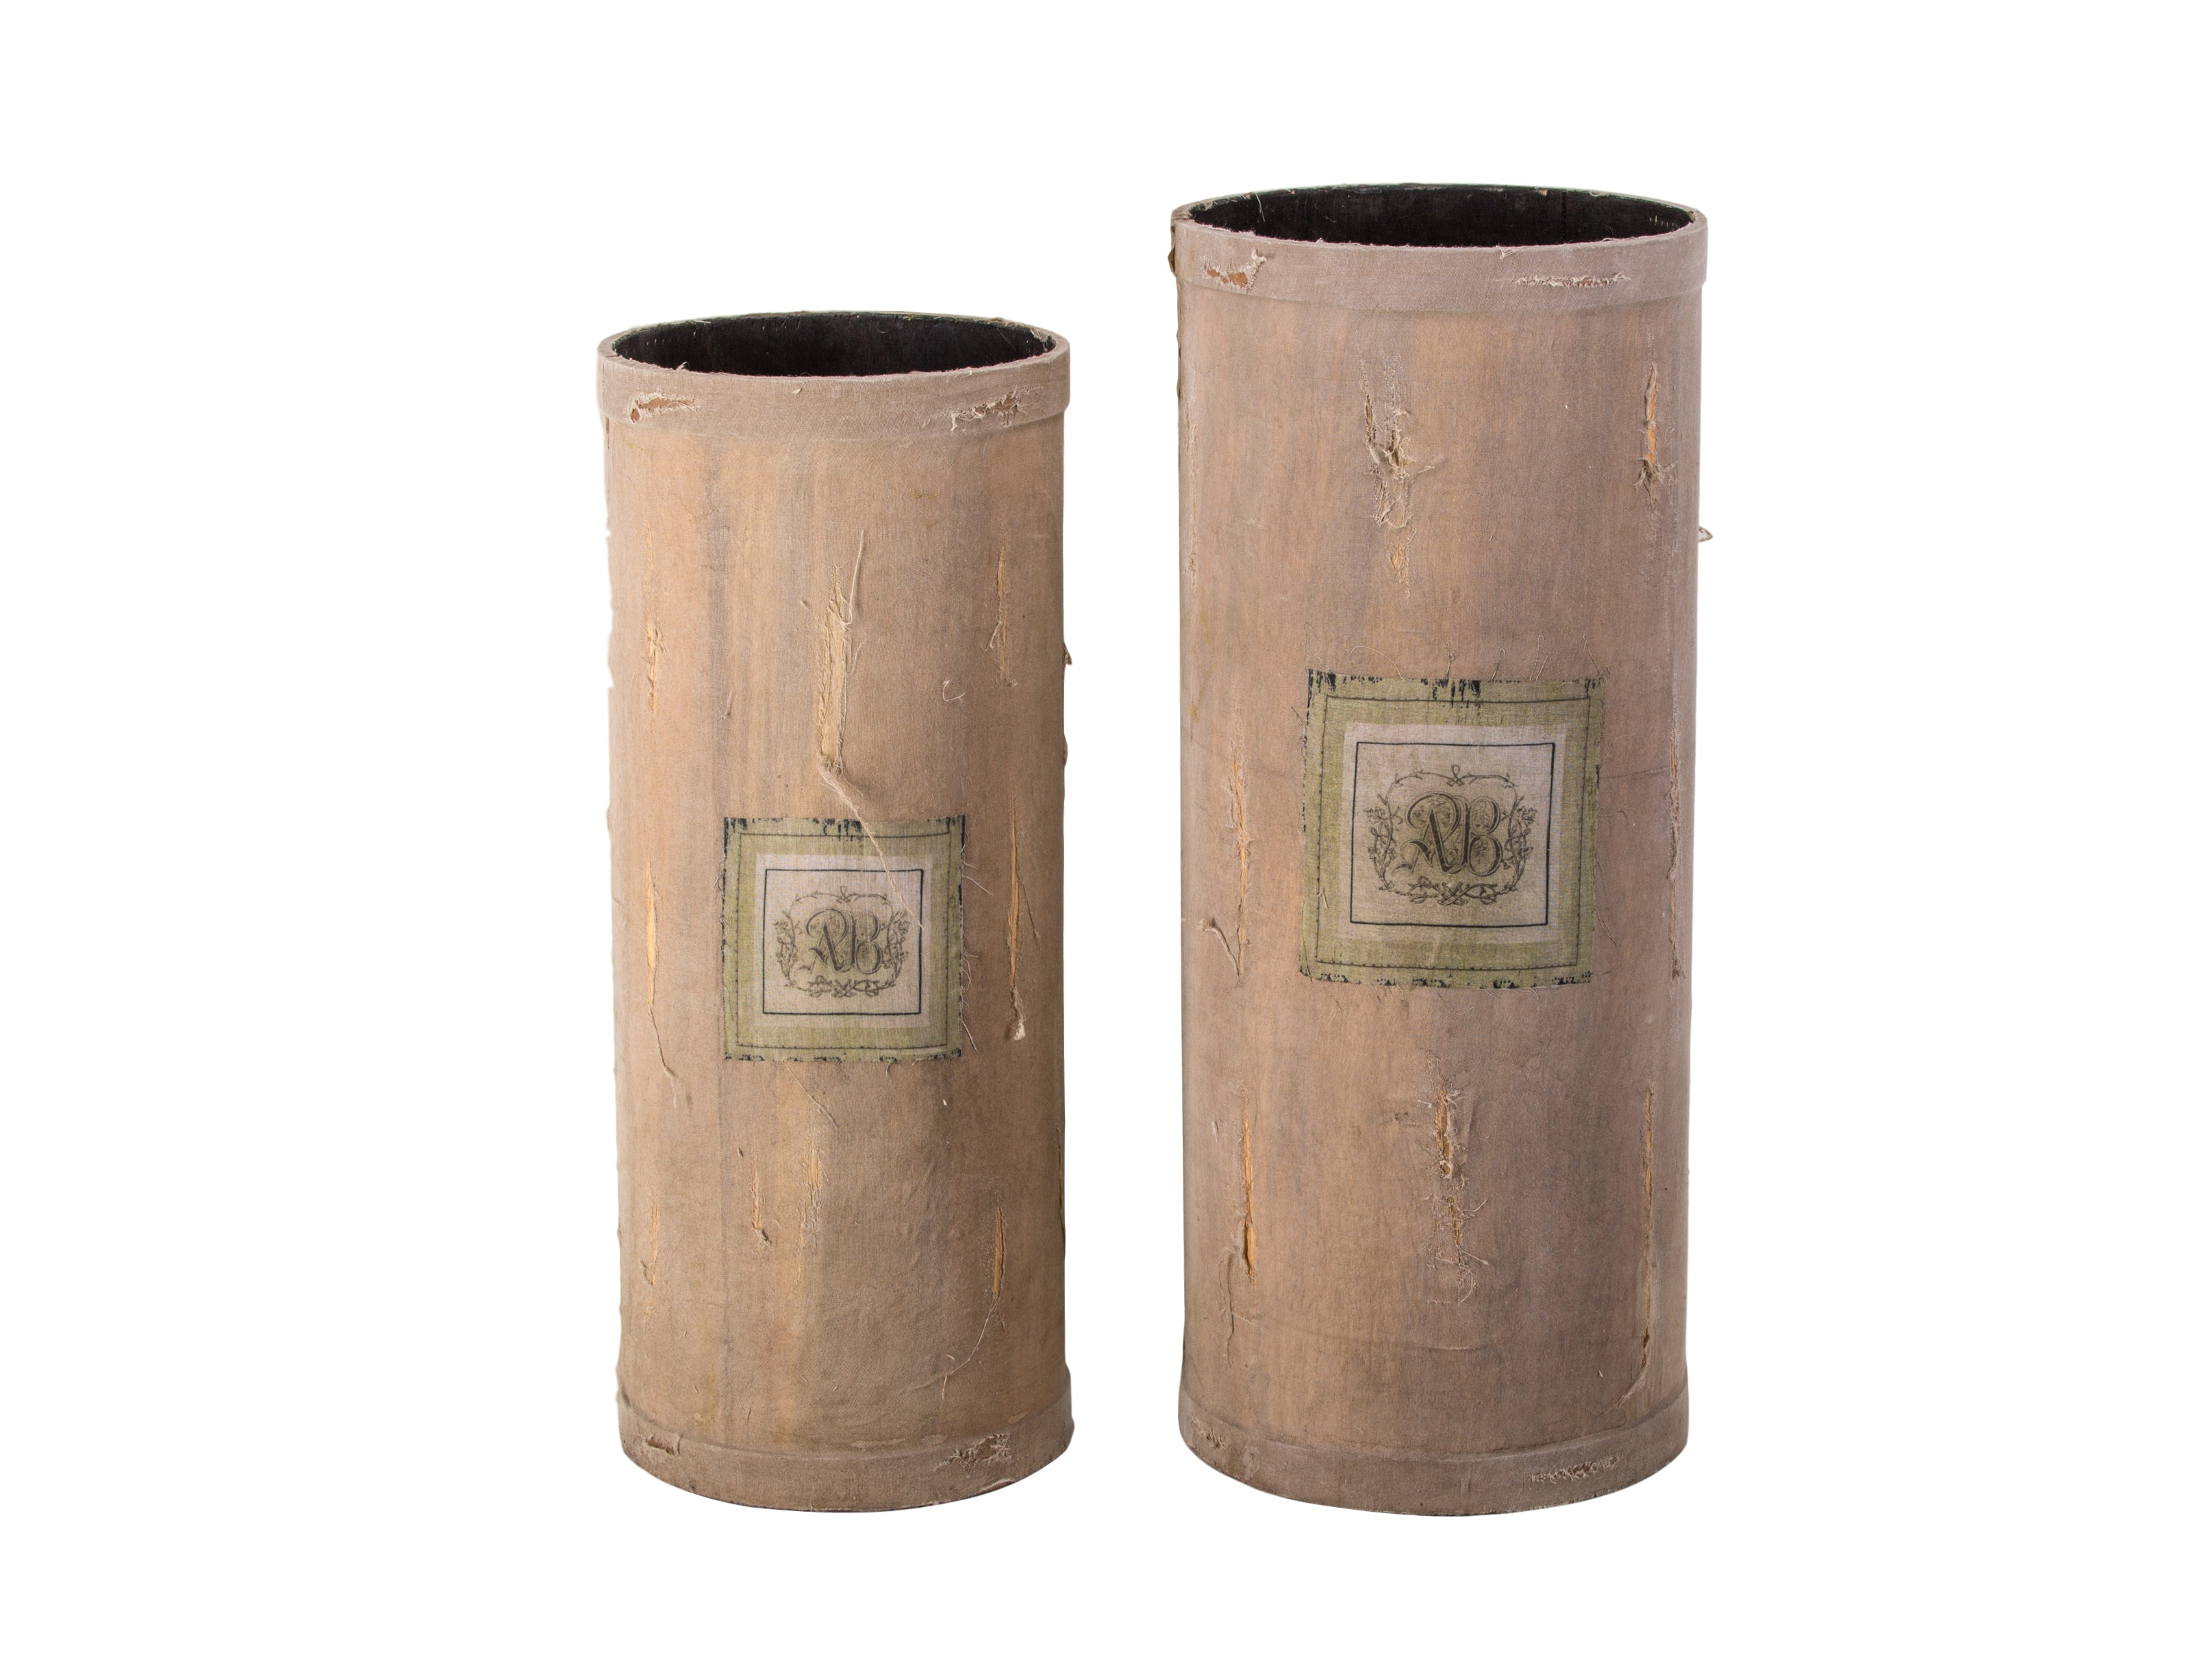 Комплект ваз (2шт.)Вазы<br>Комплект из двух напольных ваз разного размера, декорированных состаренной тканью с принтом&amp;lt;div&amp;gt;&amp;lt;br&amp;gt;&amp;lt;/div&amp;gt;&amp;lt;div&amp;gt;Размеры:&amp;lt;/div&amp;gt;&amp;lt;div&amp;gt;1)61x25,4 см&amp;lt;/div&amp;gt;&amp;lt;div&amp;gt;&amp;lt;div&amp;gt;2)56x23 см&amp;lt;/div&amp;gt;&amp;lt;/div&amp;gt;<br><br>Material: Дерево<br>Высота см: 61